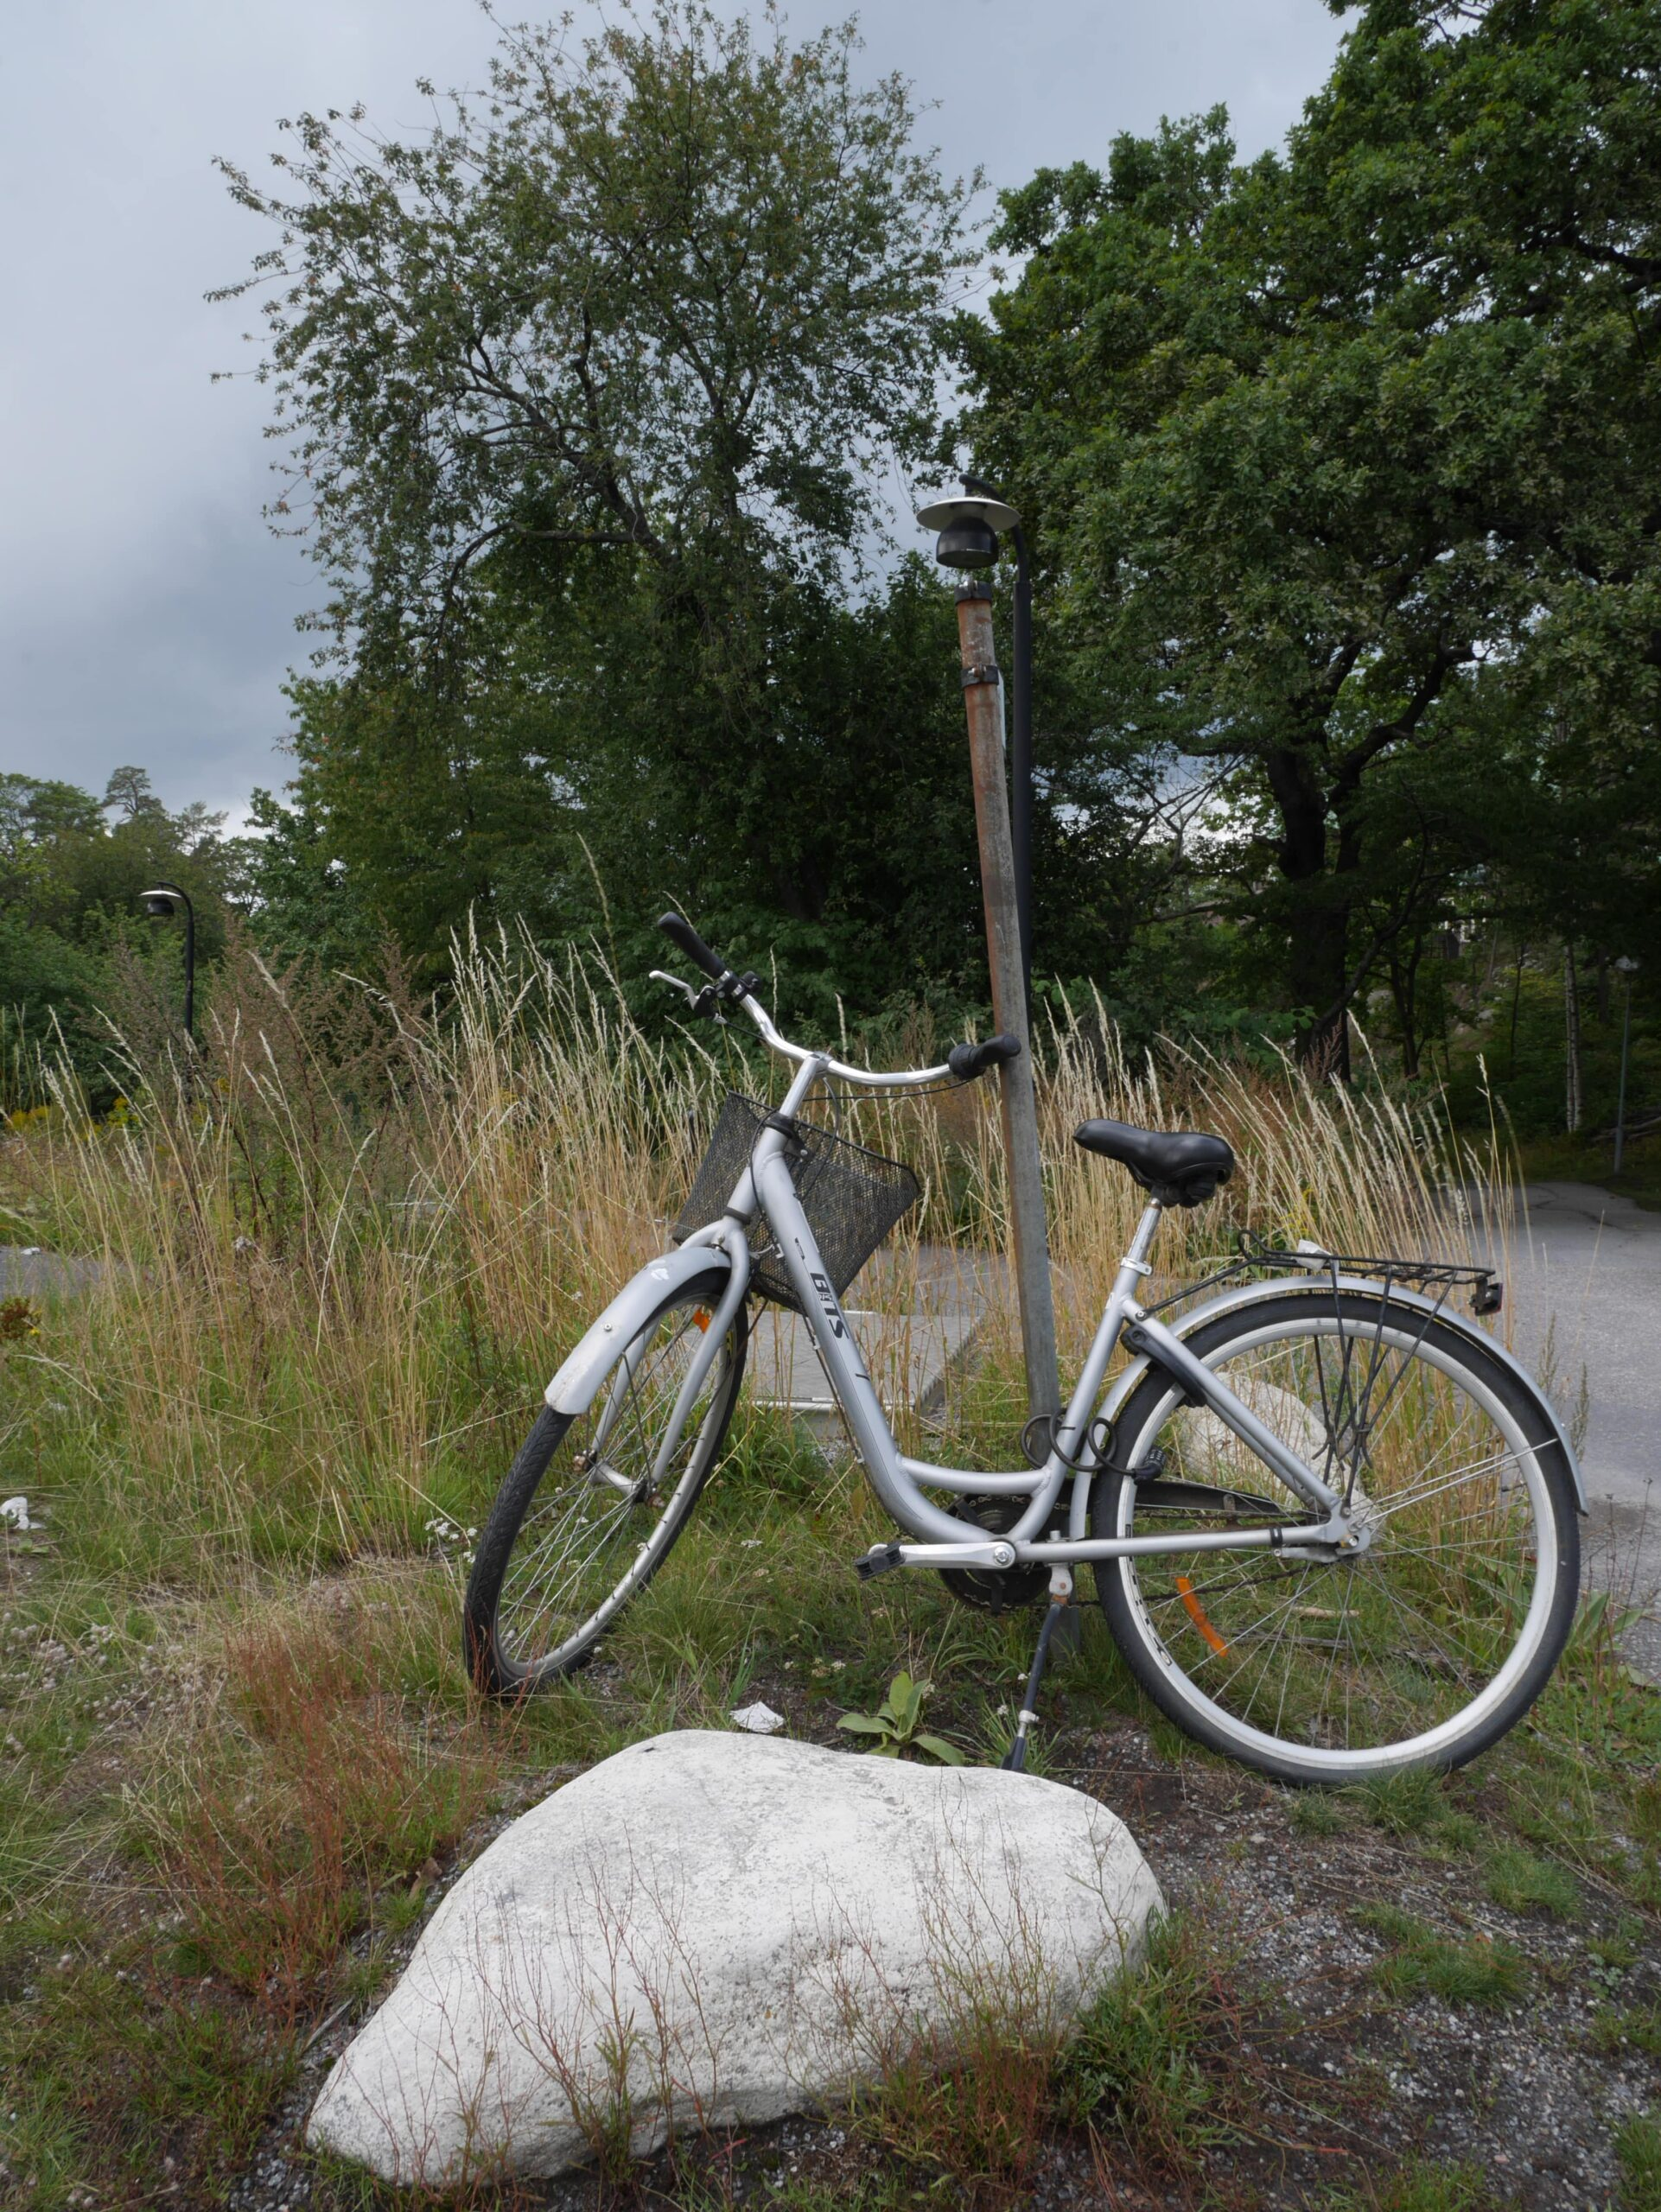 Voyager autrement les alternatives à l'avion, le vélo, voyage à vélo, voyager à vélo